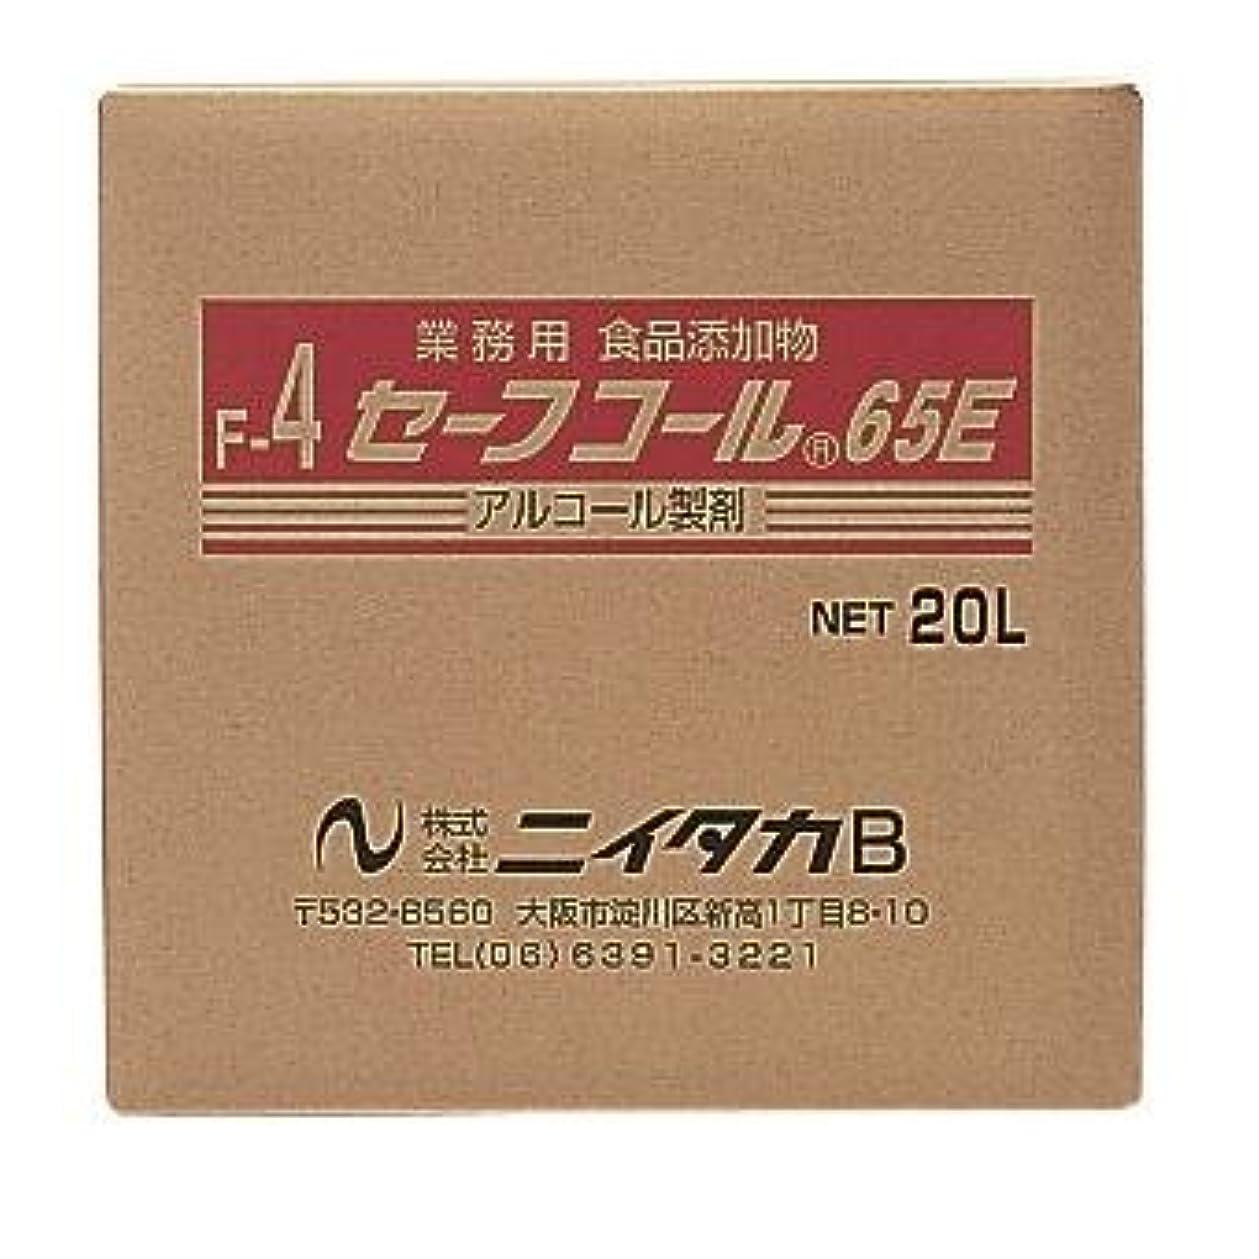 砲兵スムーズに面倒ニイタカ:セーフコール65E(F-4) 20L(BIB) 270302